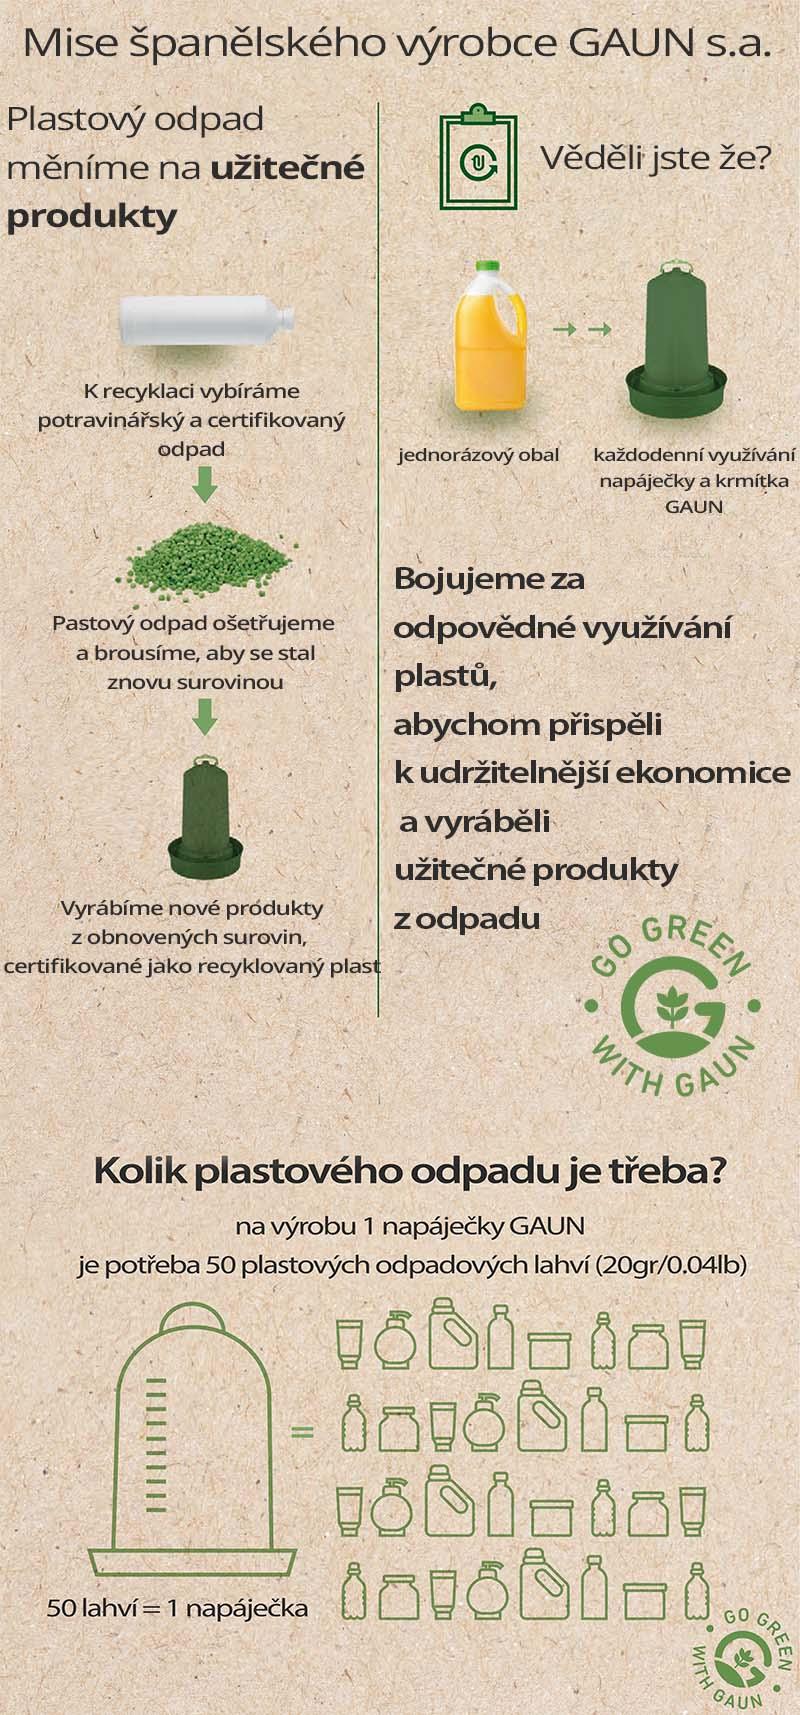 Produkty vyrobené ze 100% recyklovaného plastu